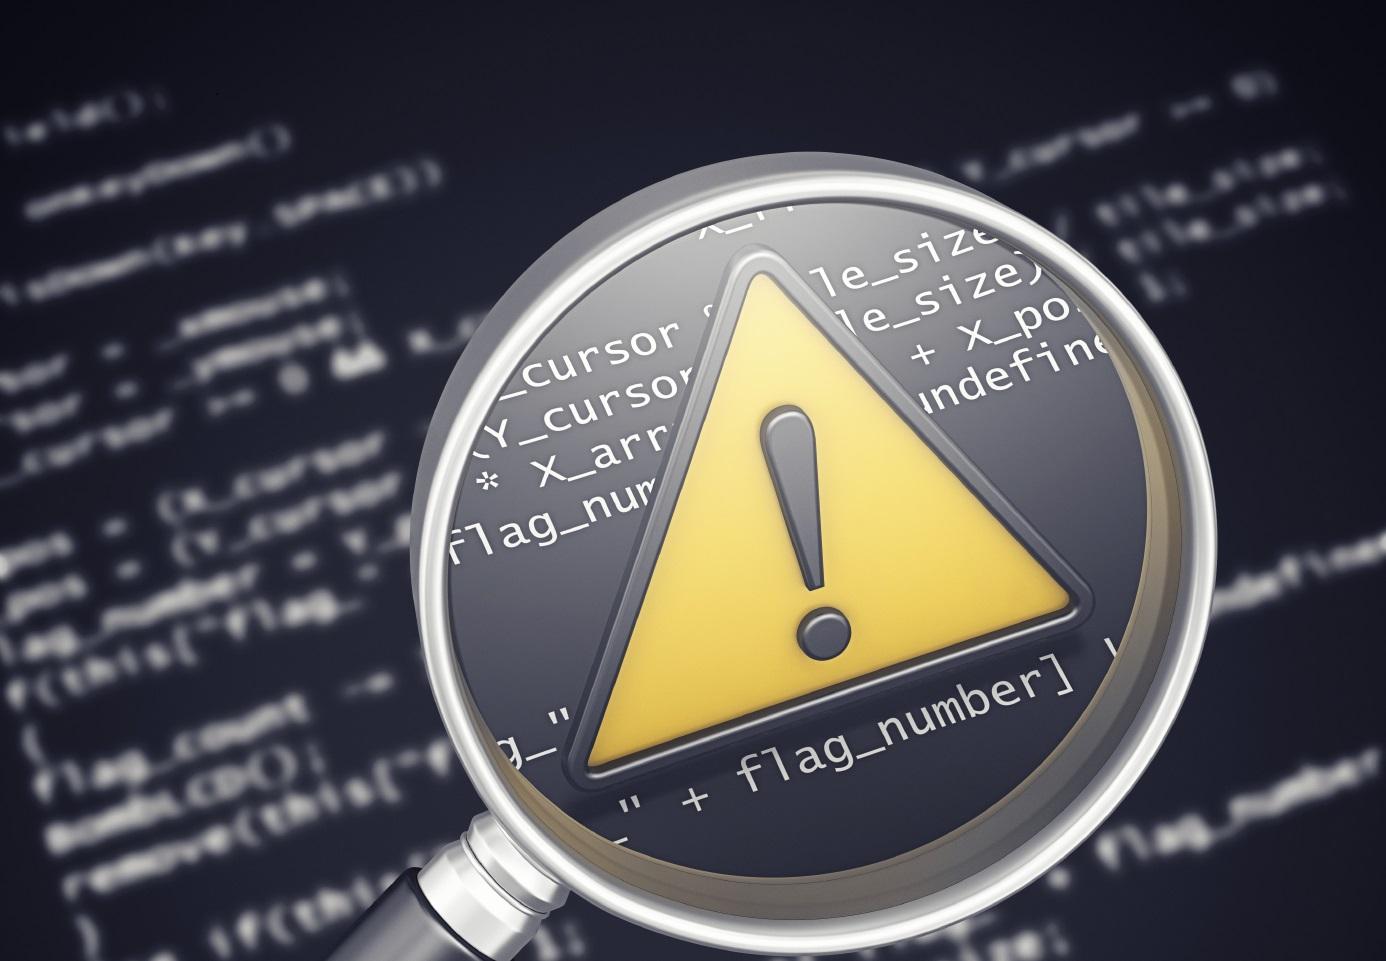 弱點通告:Cisco 存在身分驗證安全弱點,建議請管理者儘速評估更新!